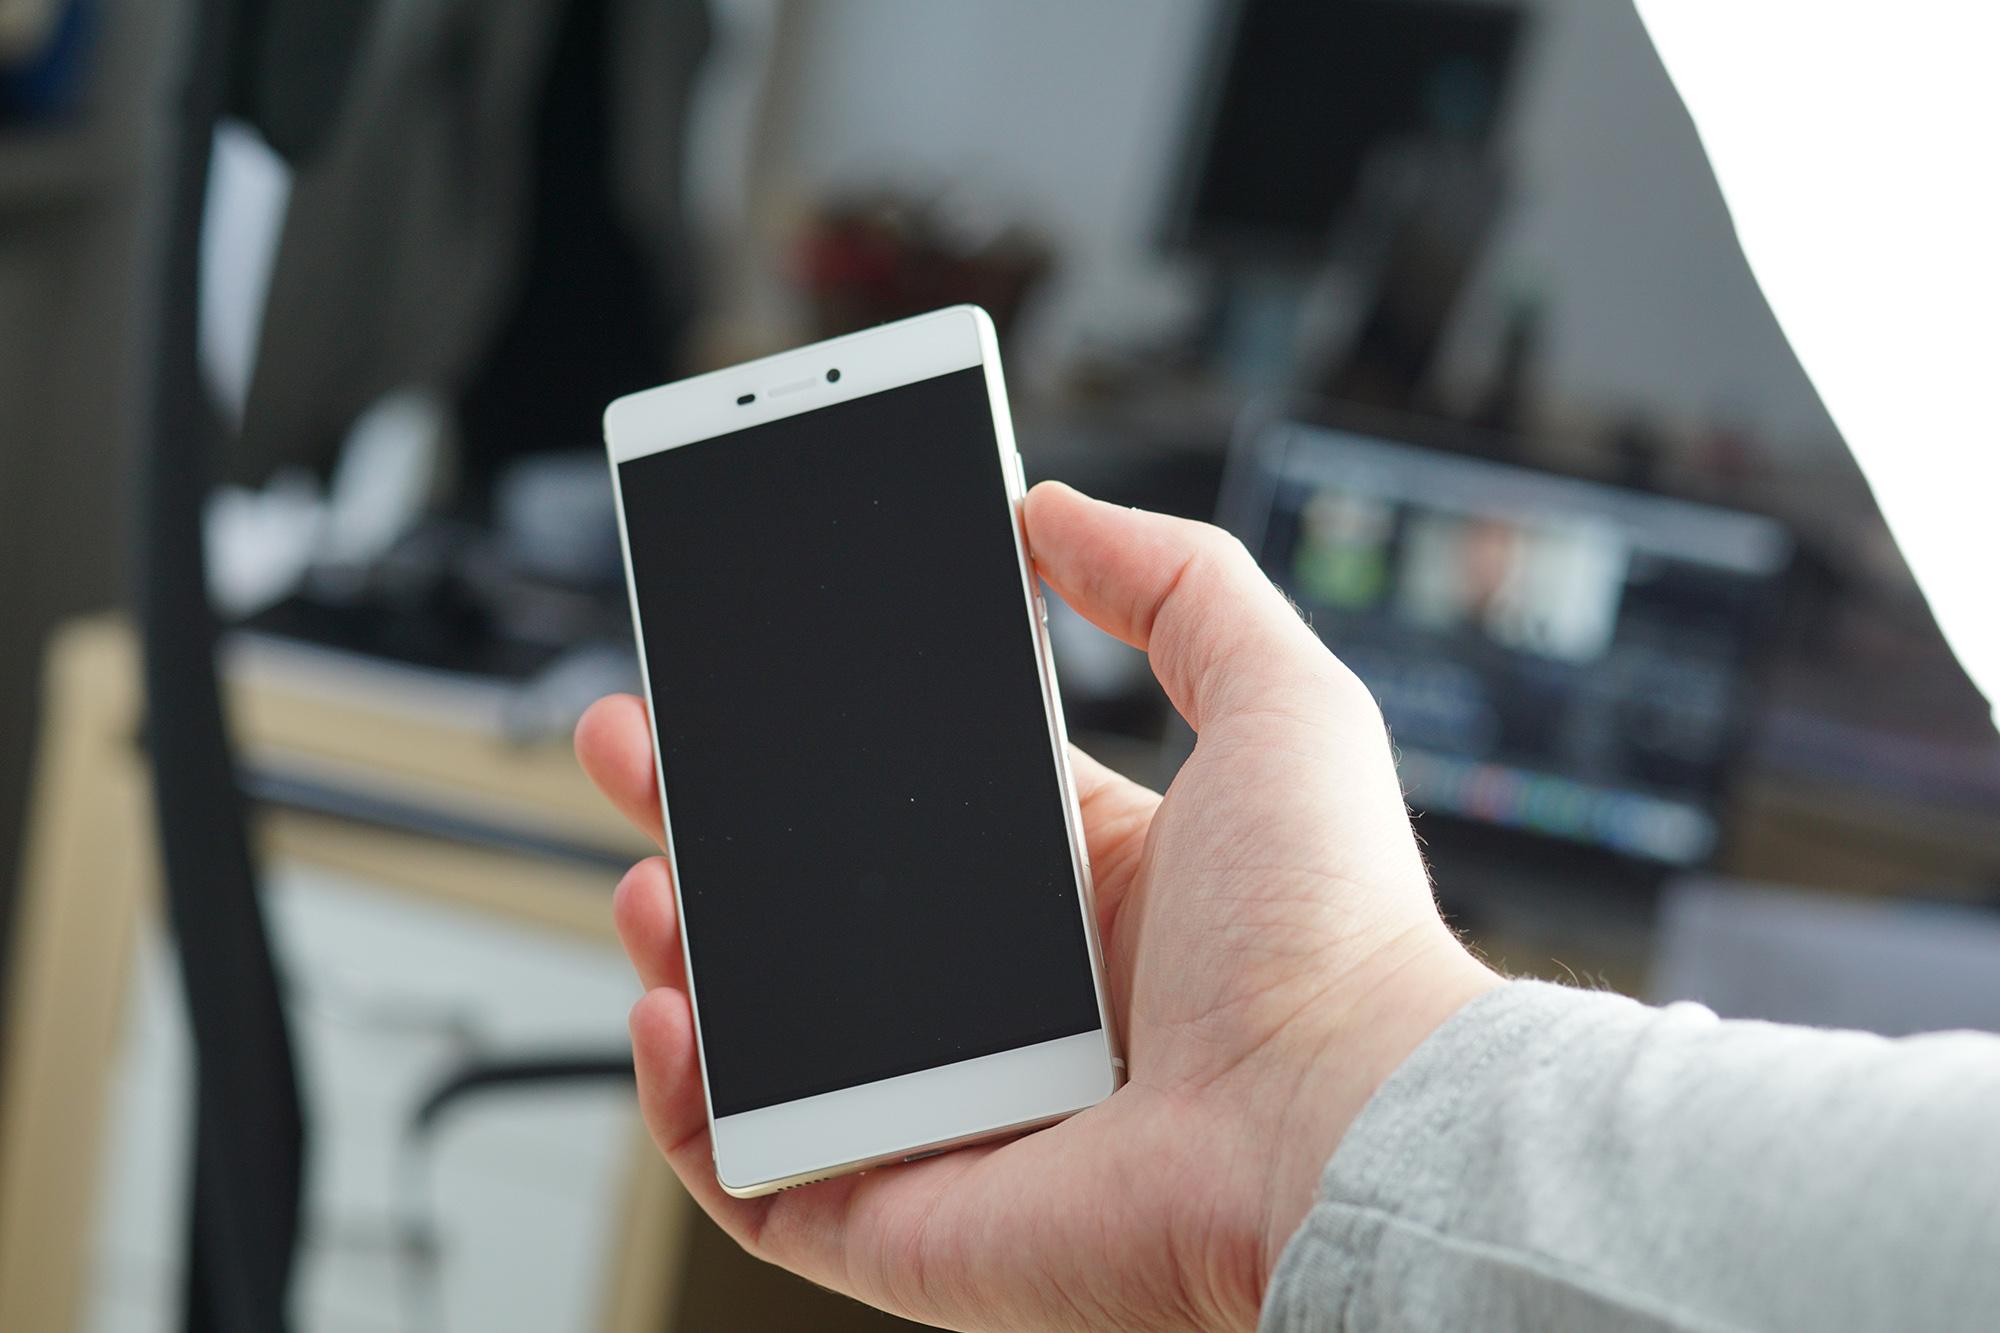 Huawei P8 test (10)